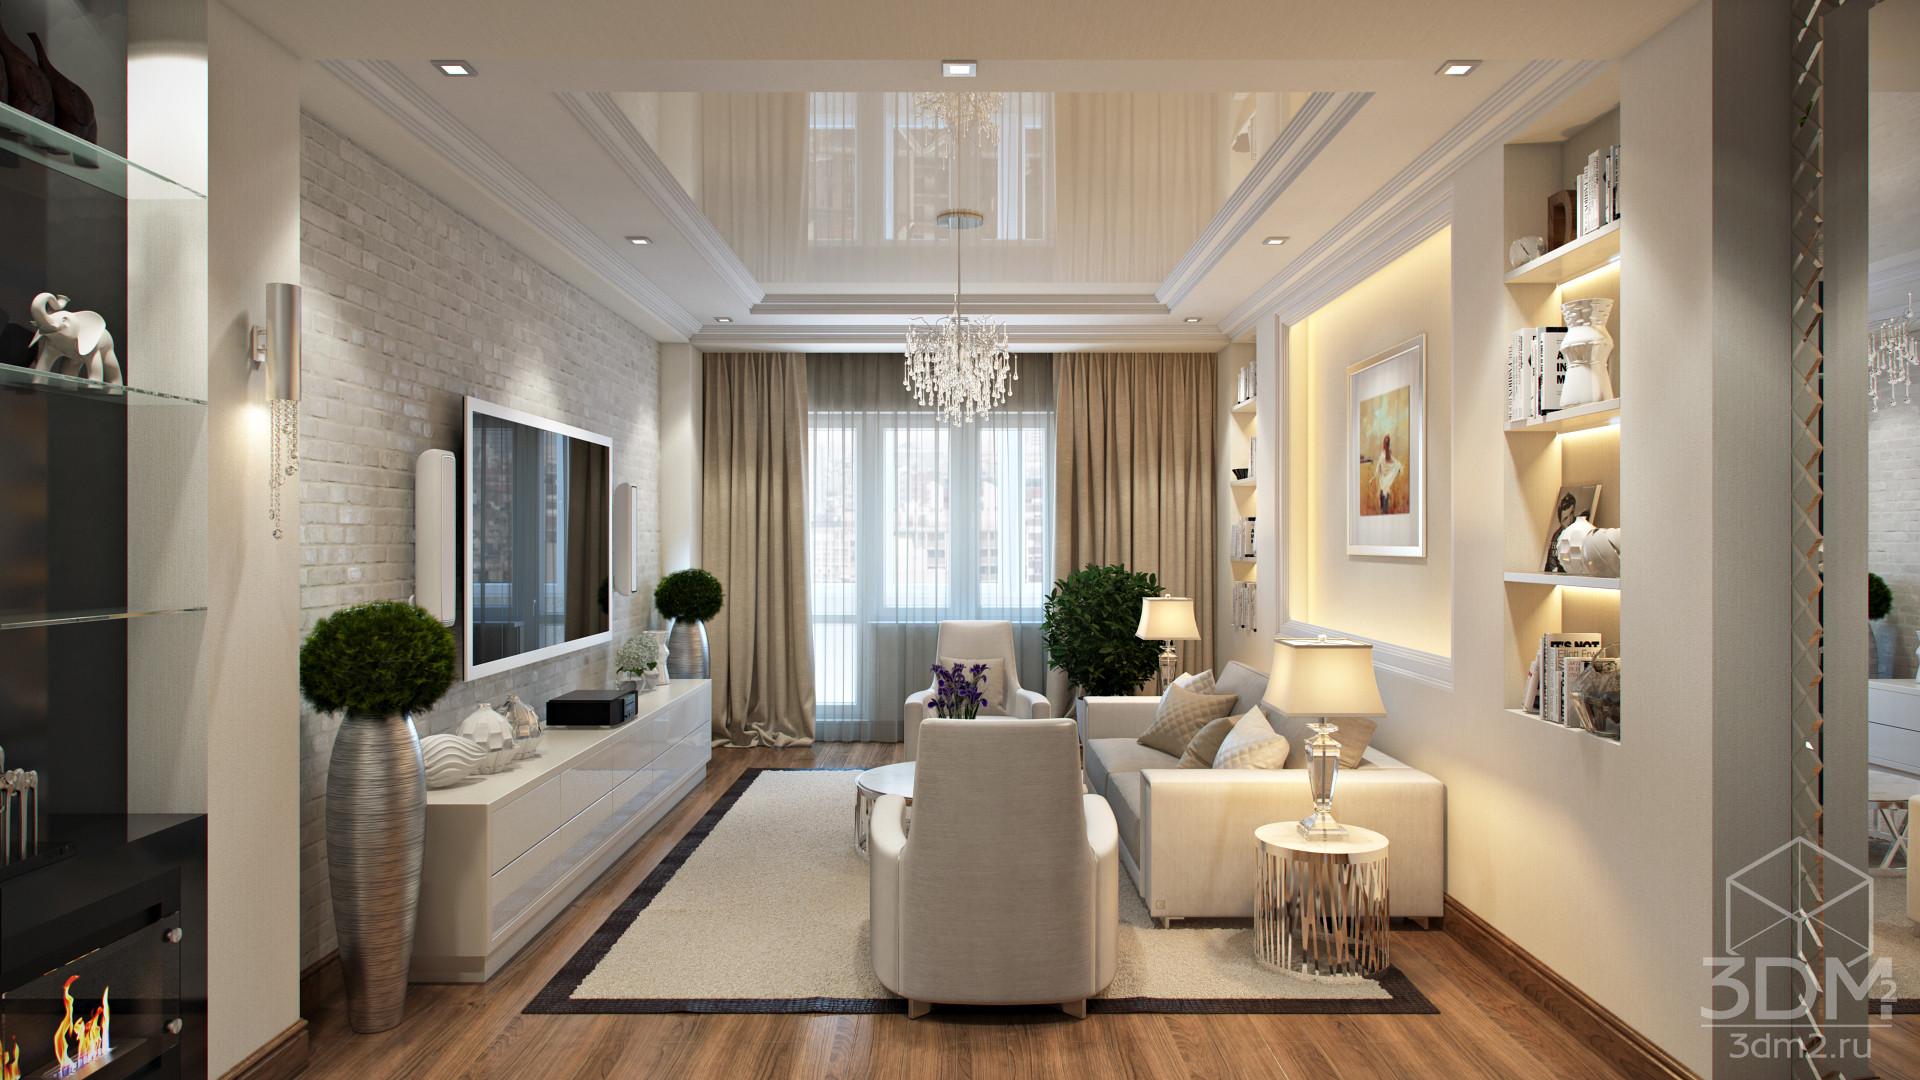 Дизайн  гостиной фото, как правило, особенно ярко отображает вкусы владельца дома